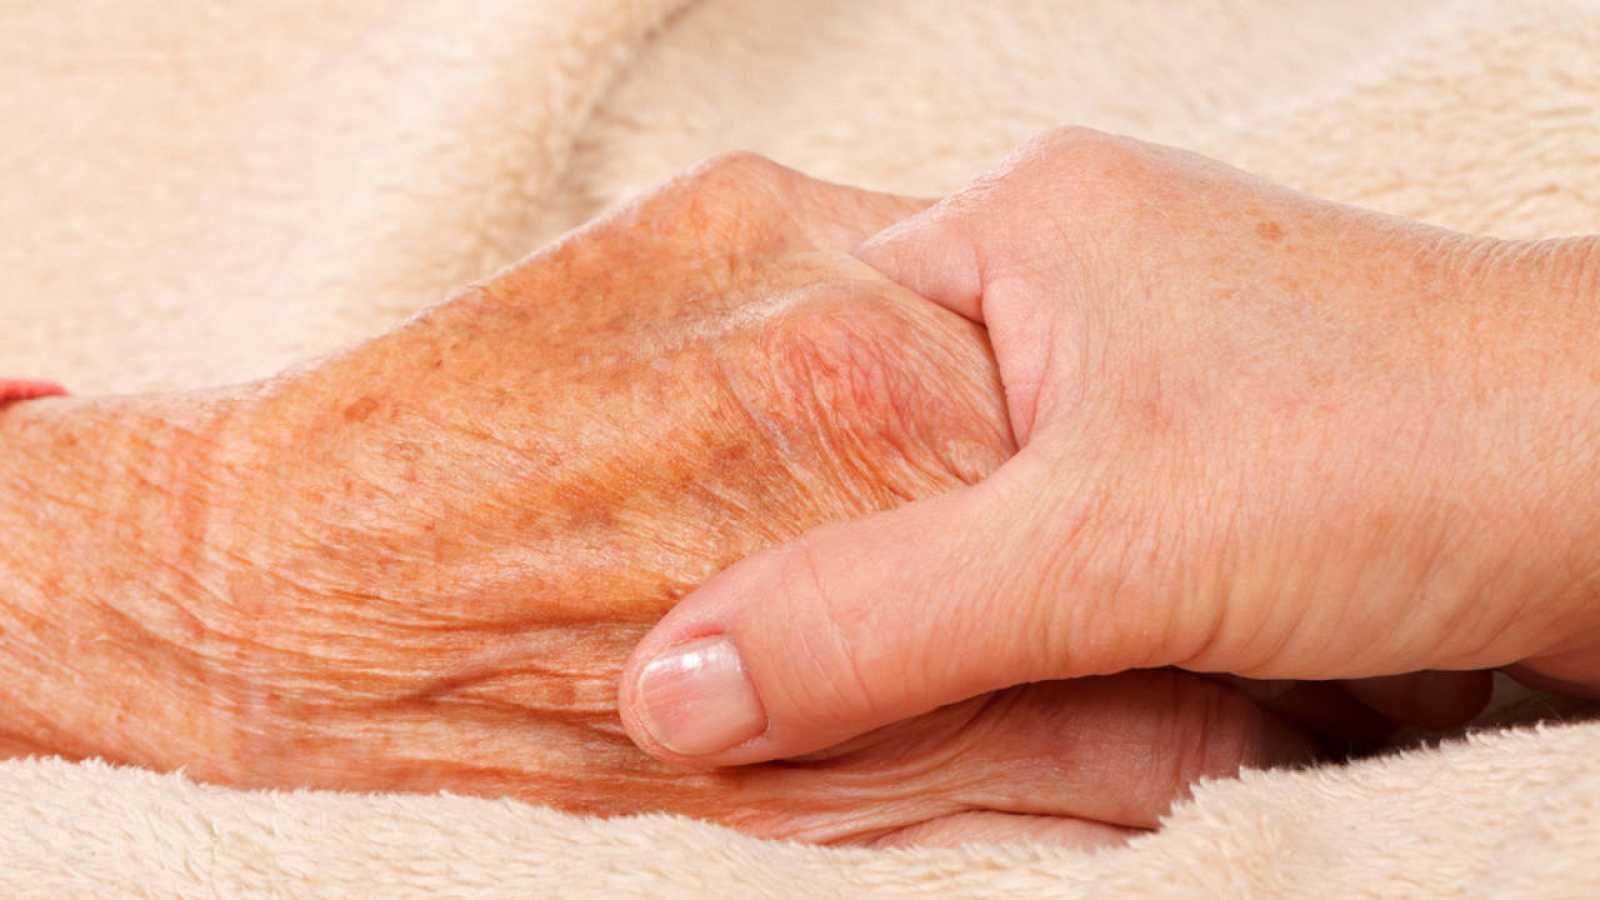 El perfil lipídico cerebral de personas con alzhéimer o párkinson es muy distinto al de personas sanas.